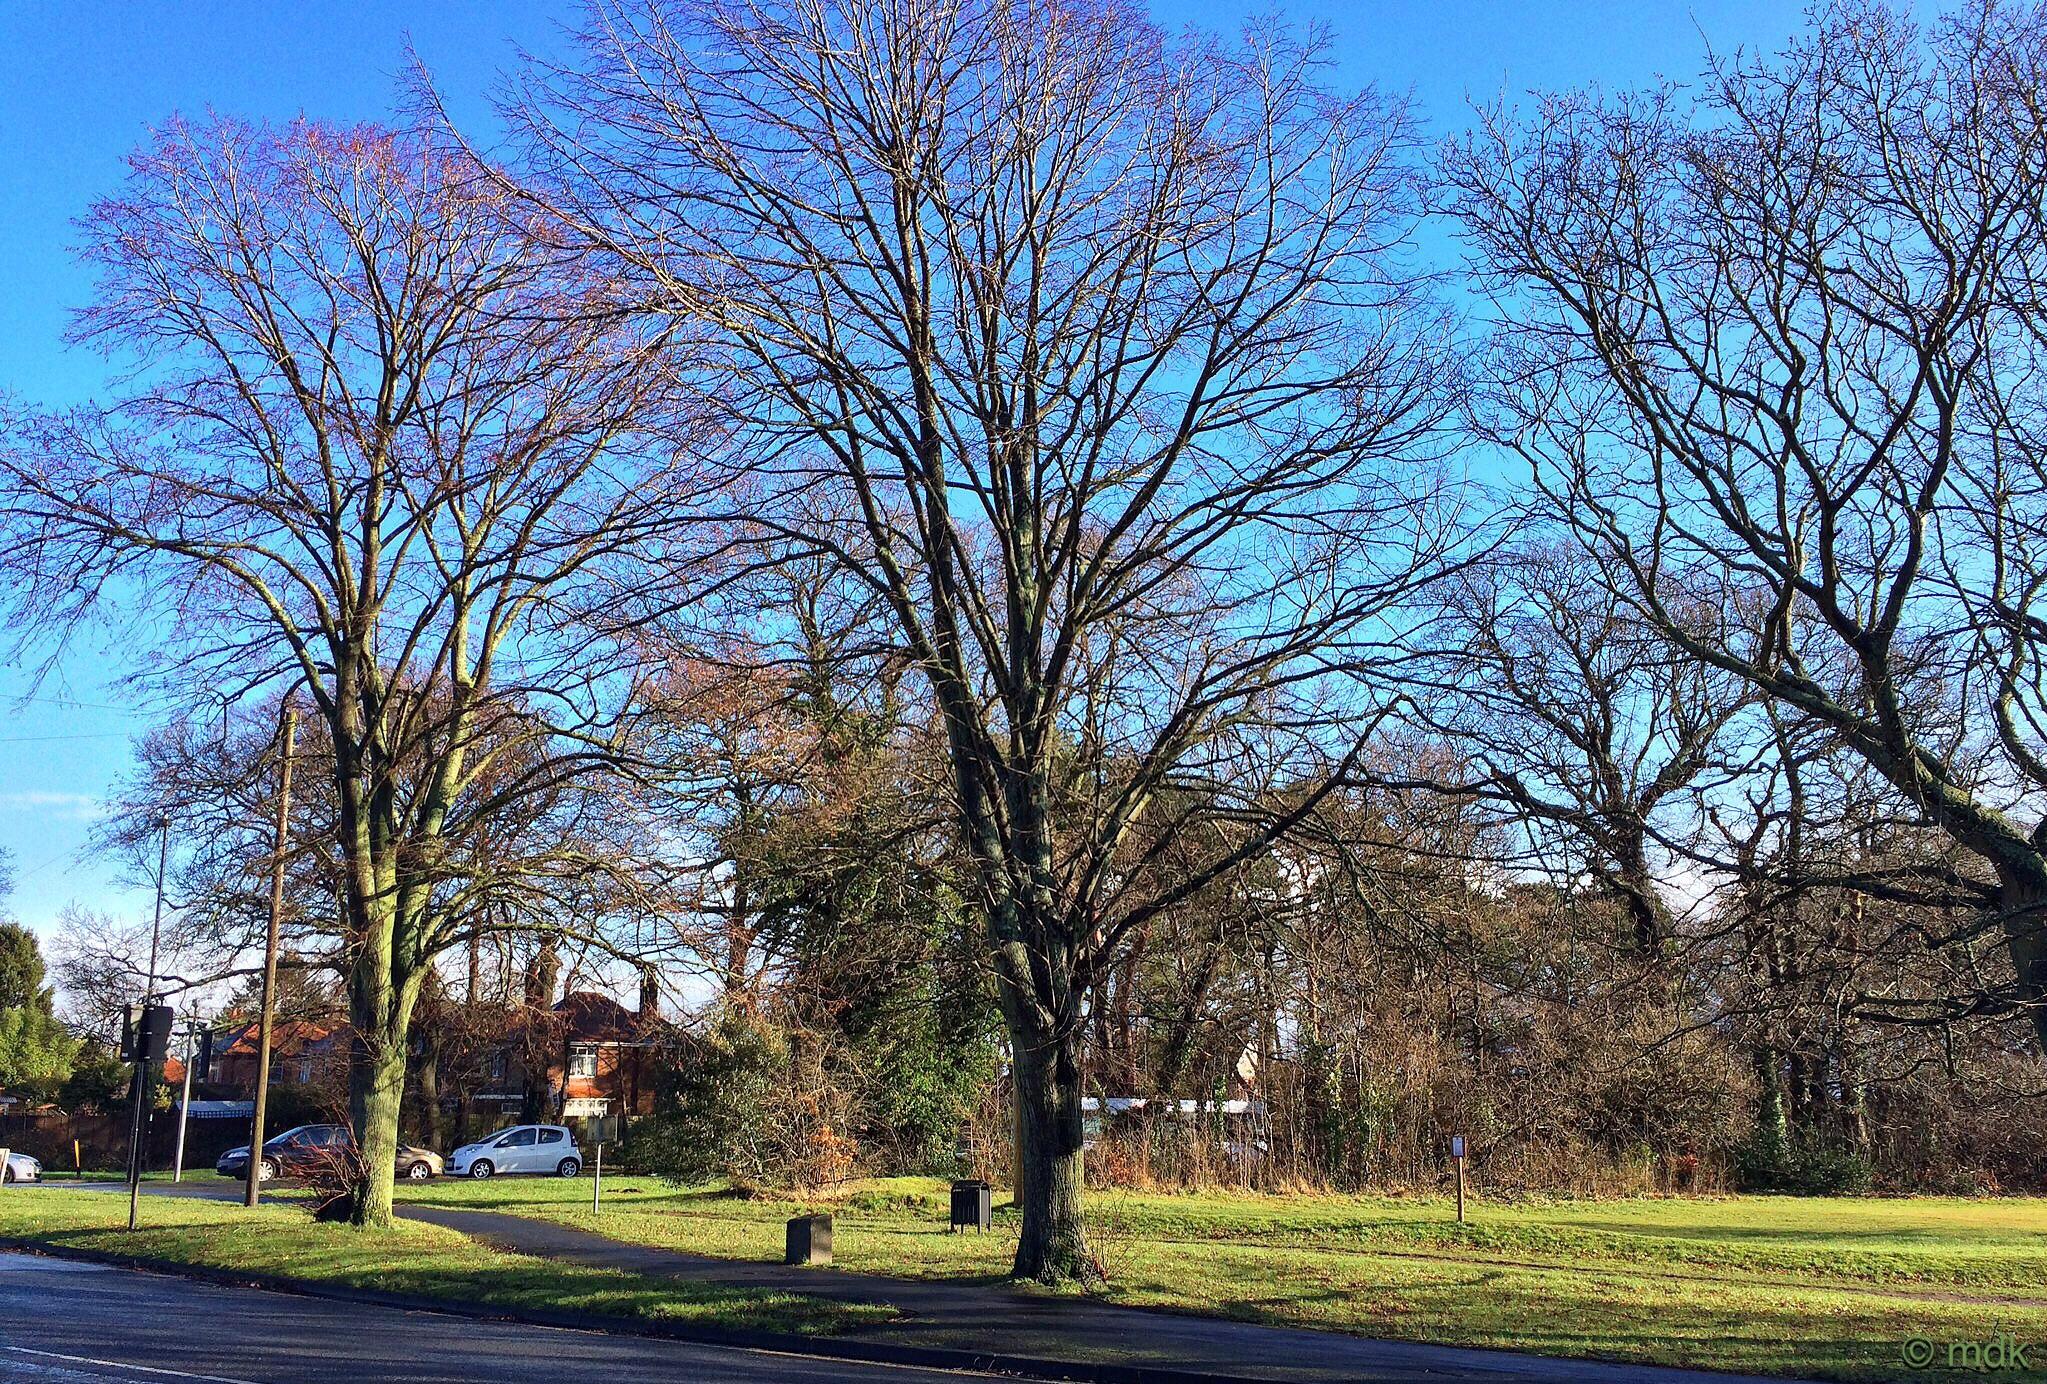 Freemantle Common